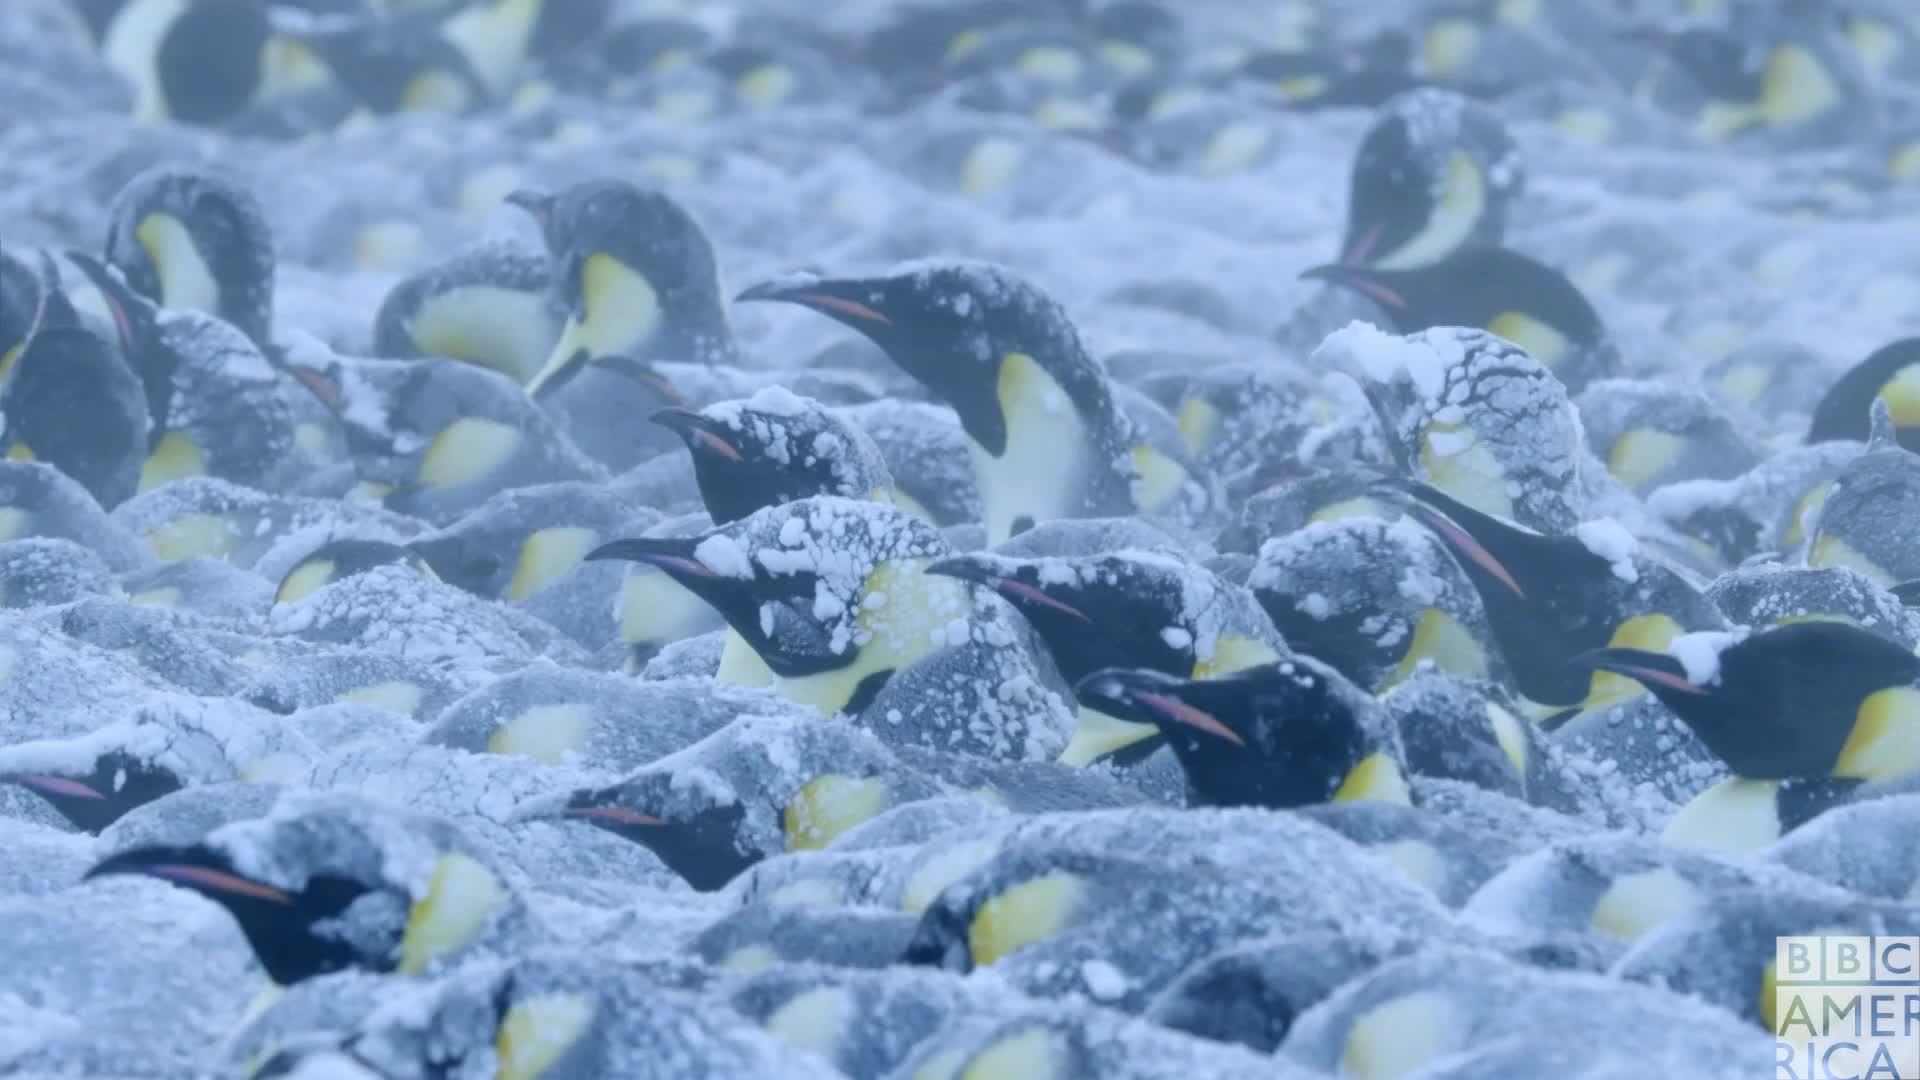 animal, animals, bbc america, bbc america dynasties, bbc america: dynasties, brr, brrr, cold, dynasties, emperor penguin, emperor penguins, fml, freezing, help, penguin, penguins, Dynasties Cold Penguins GIFs